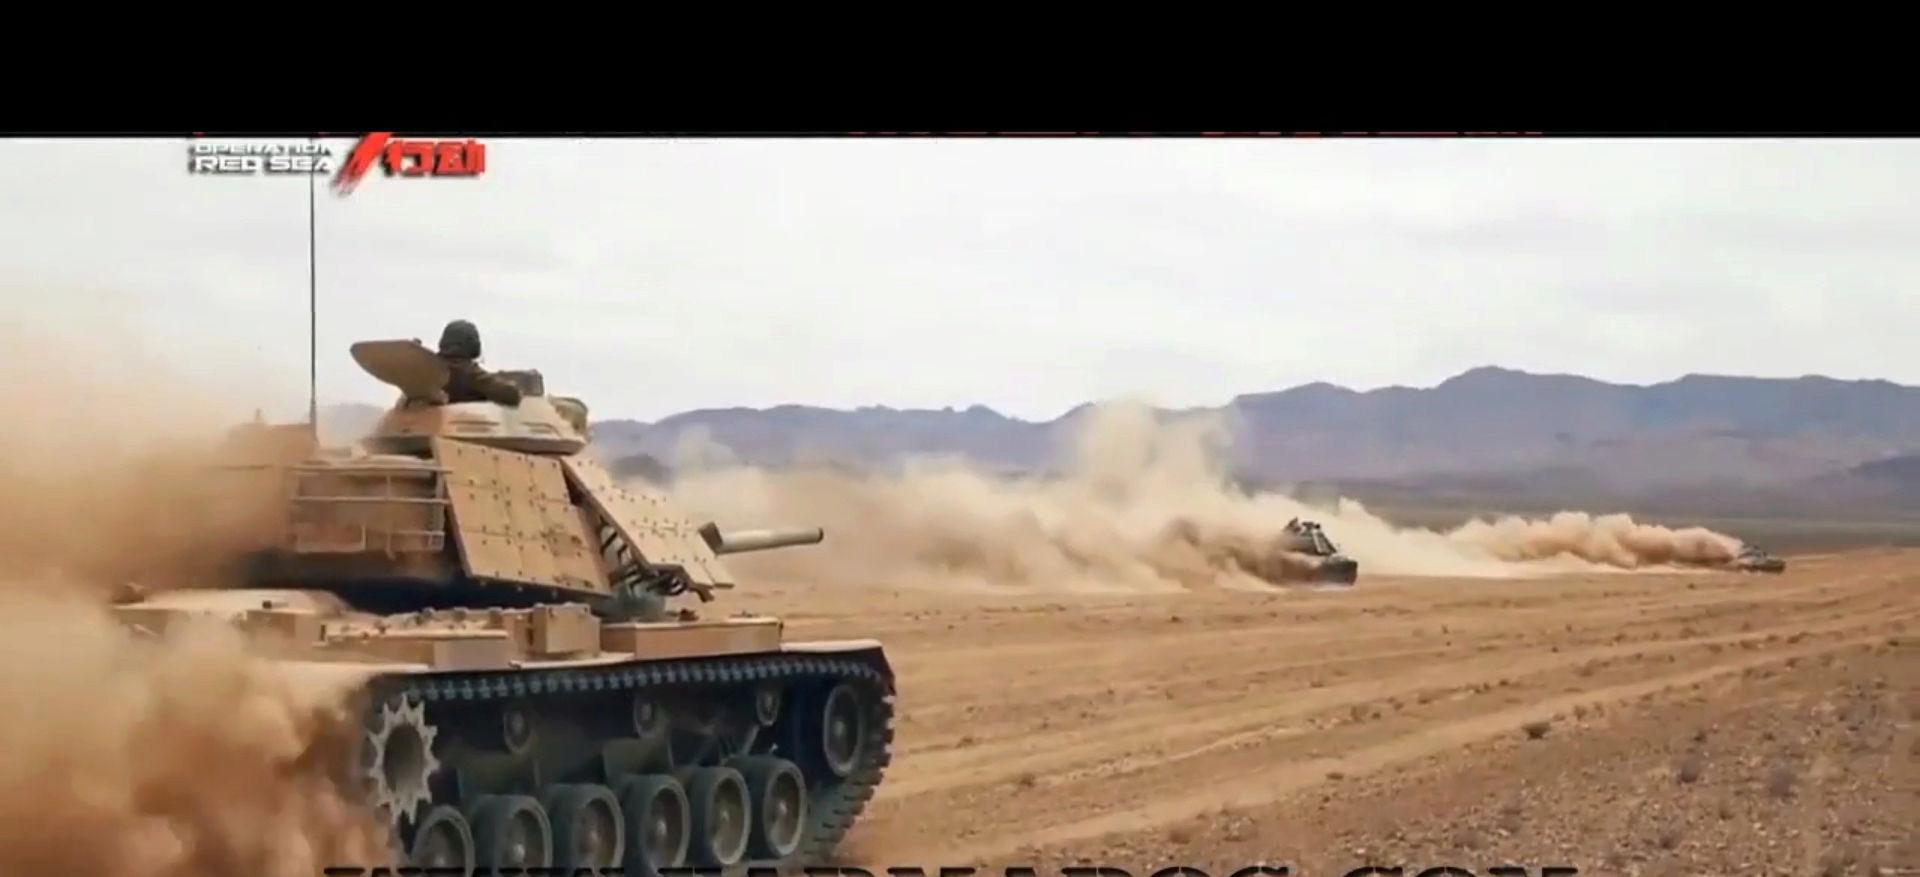 Photos - Chars de Combat / MBTs - Page 3 Receiv40